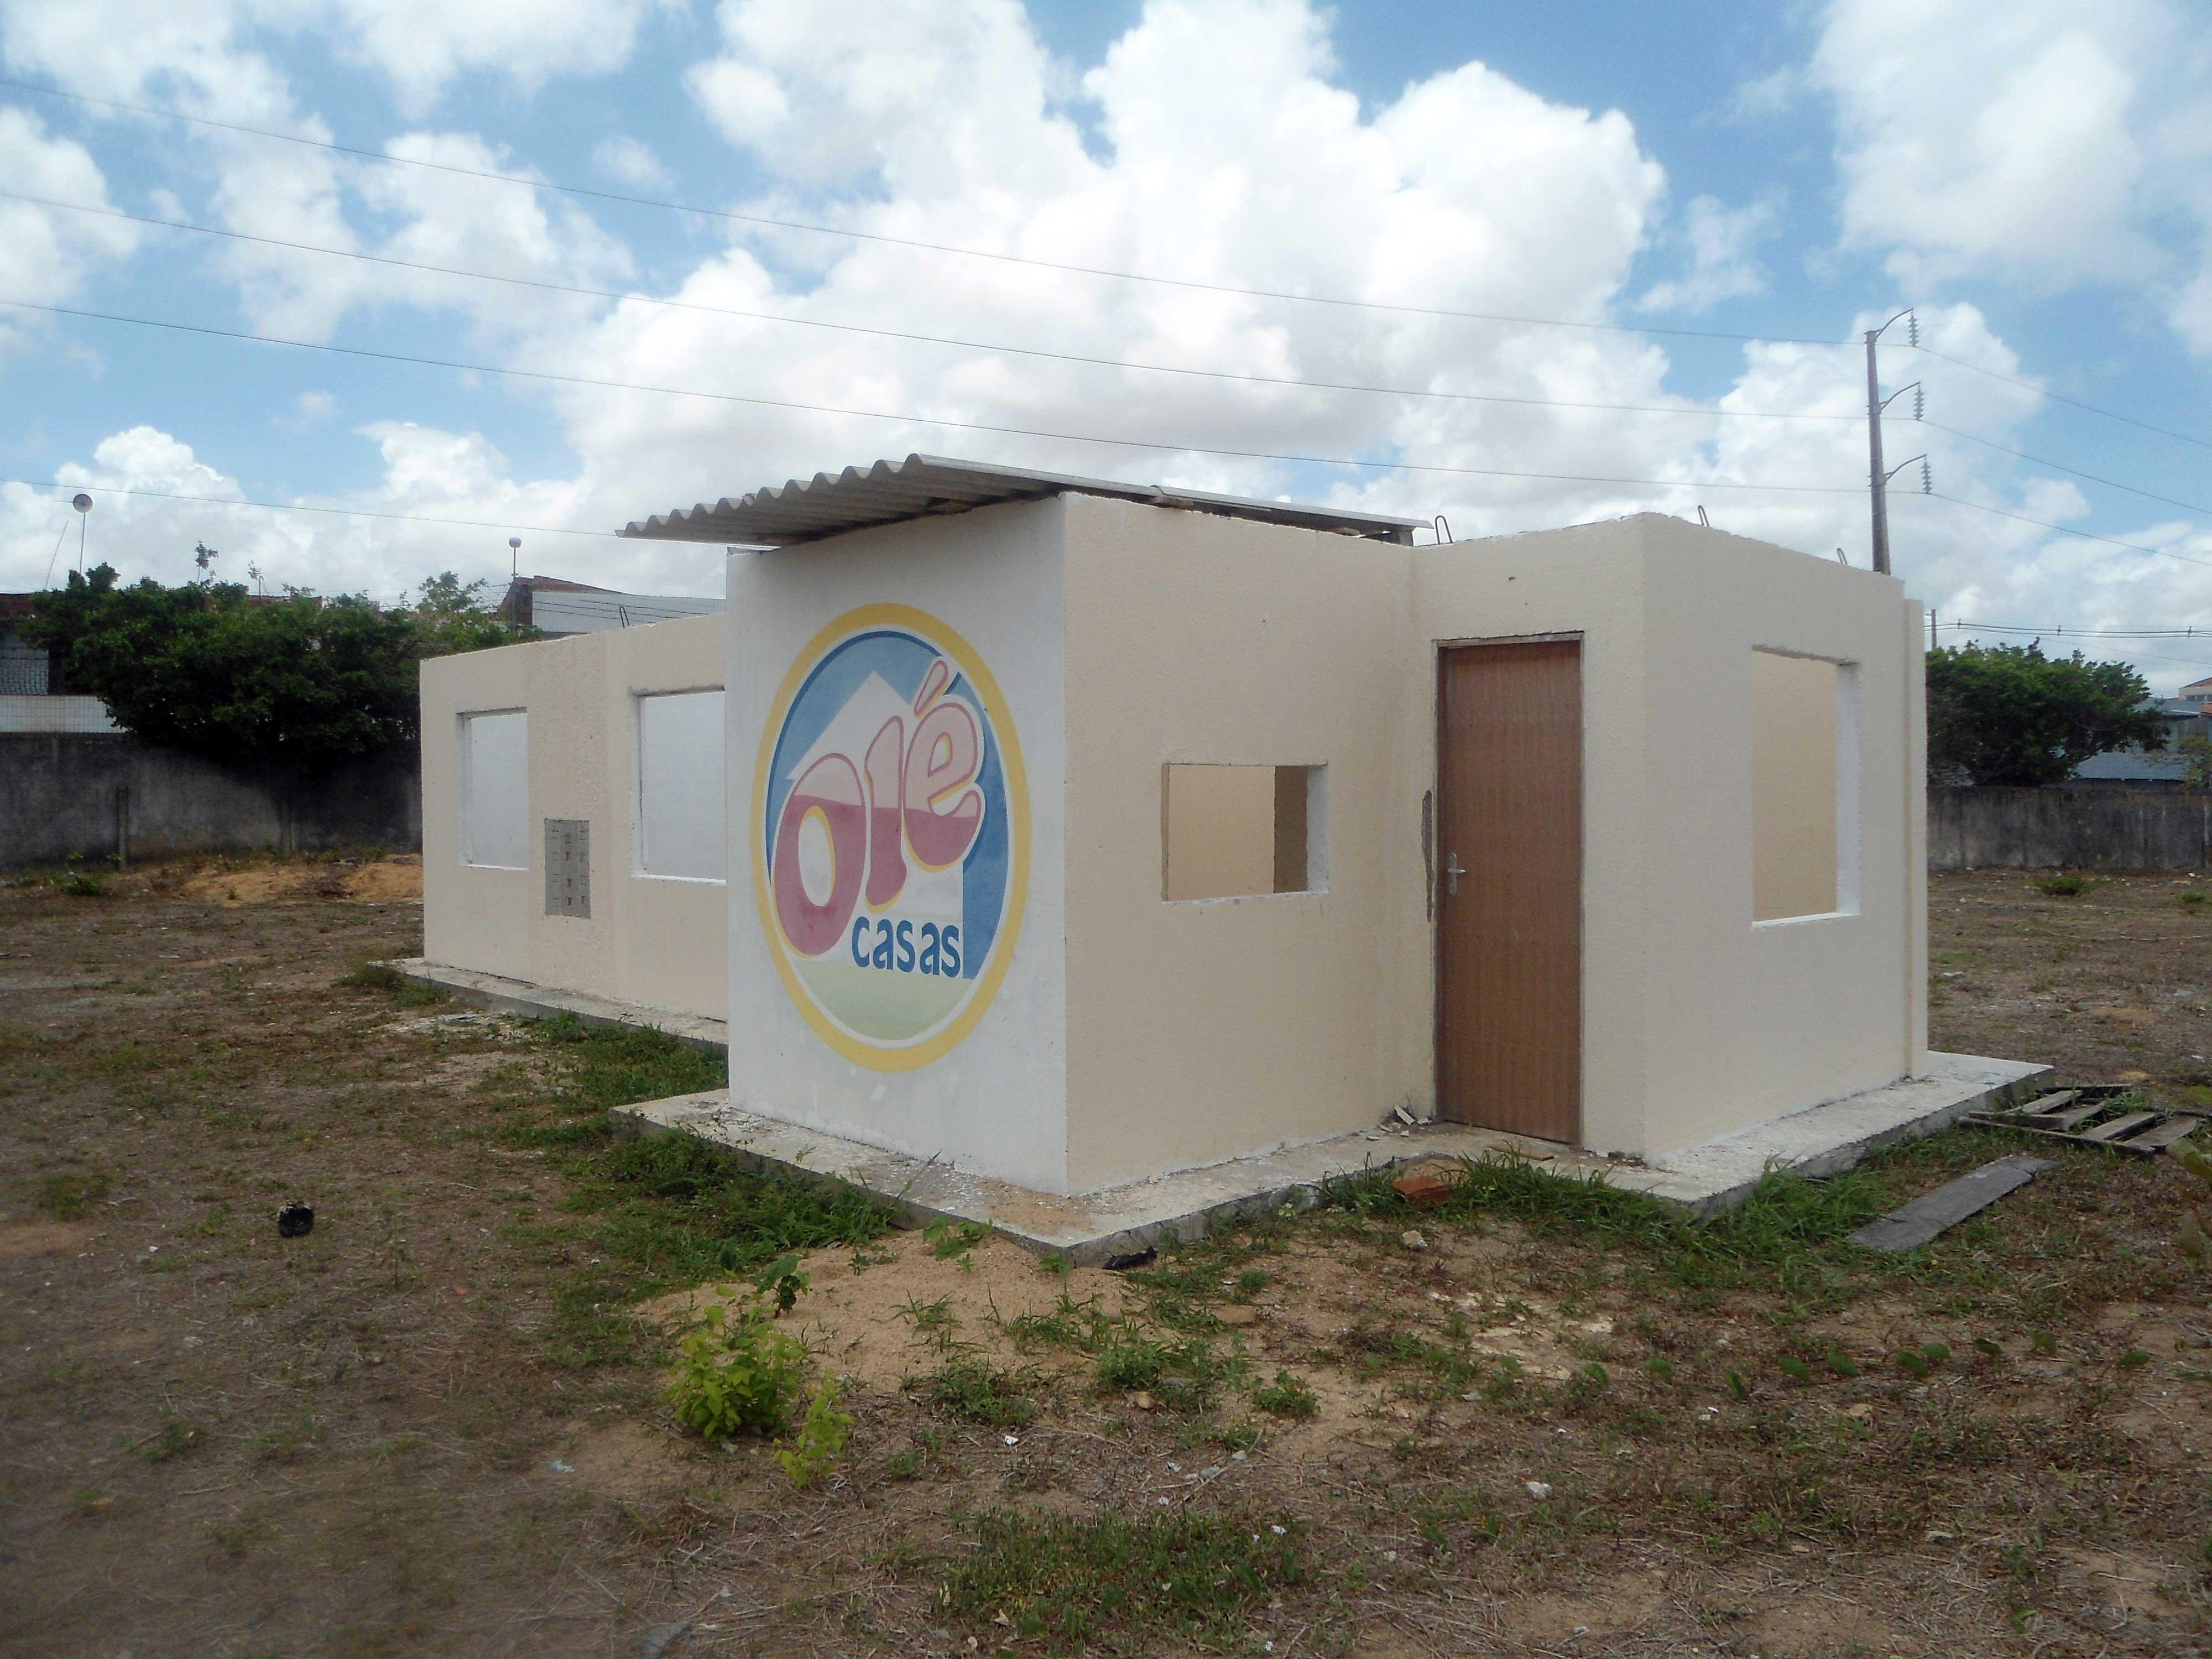 Casa Olé desenvolvida pelo Nutec serviu de protótipo para a produção em escala industrial.